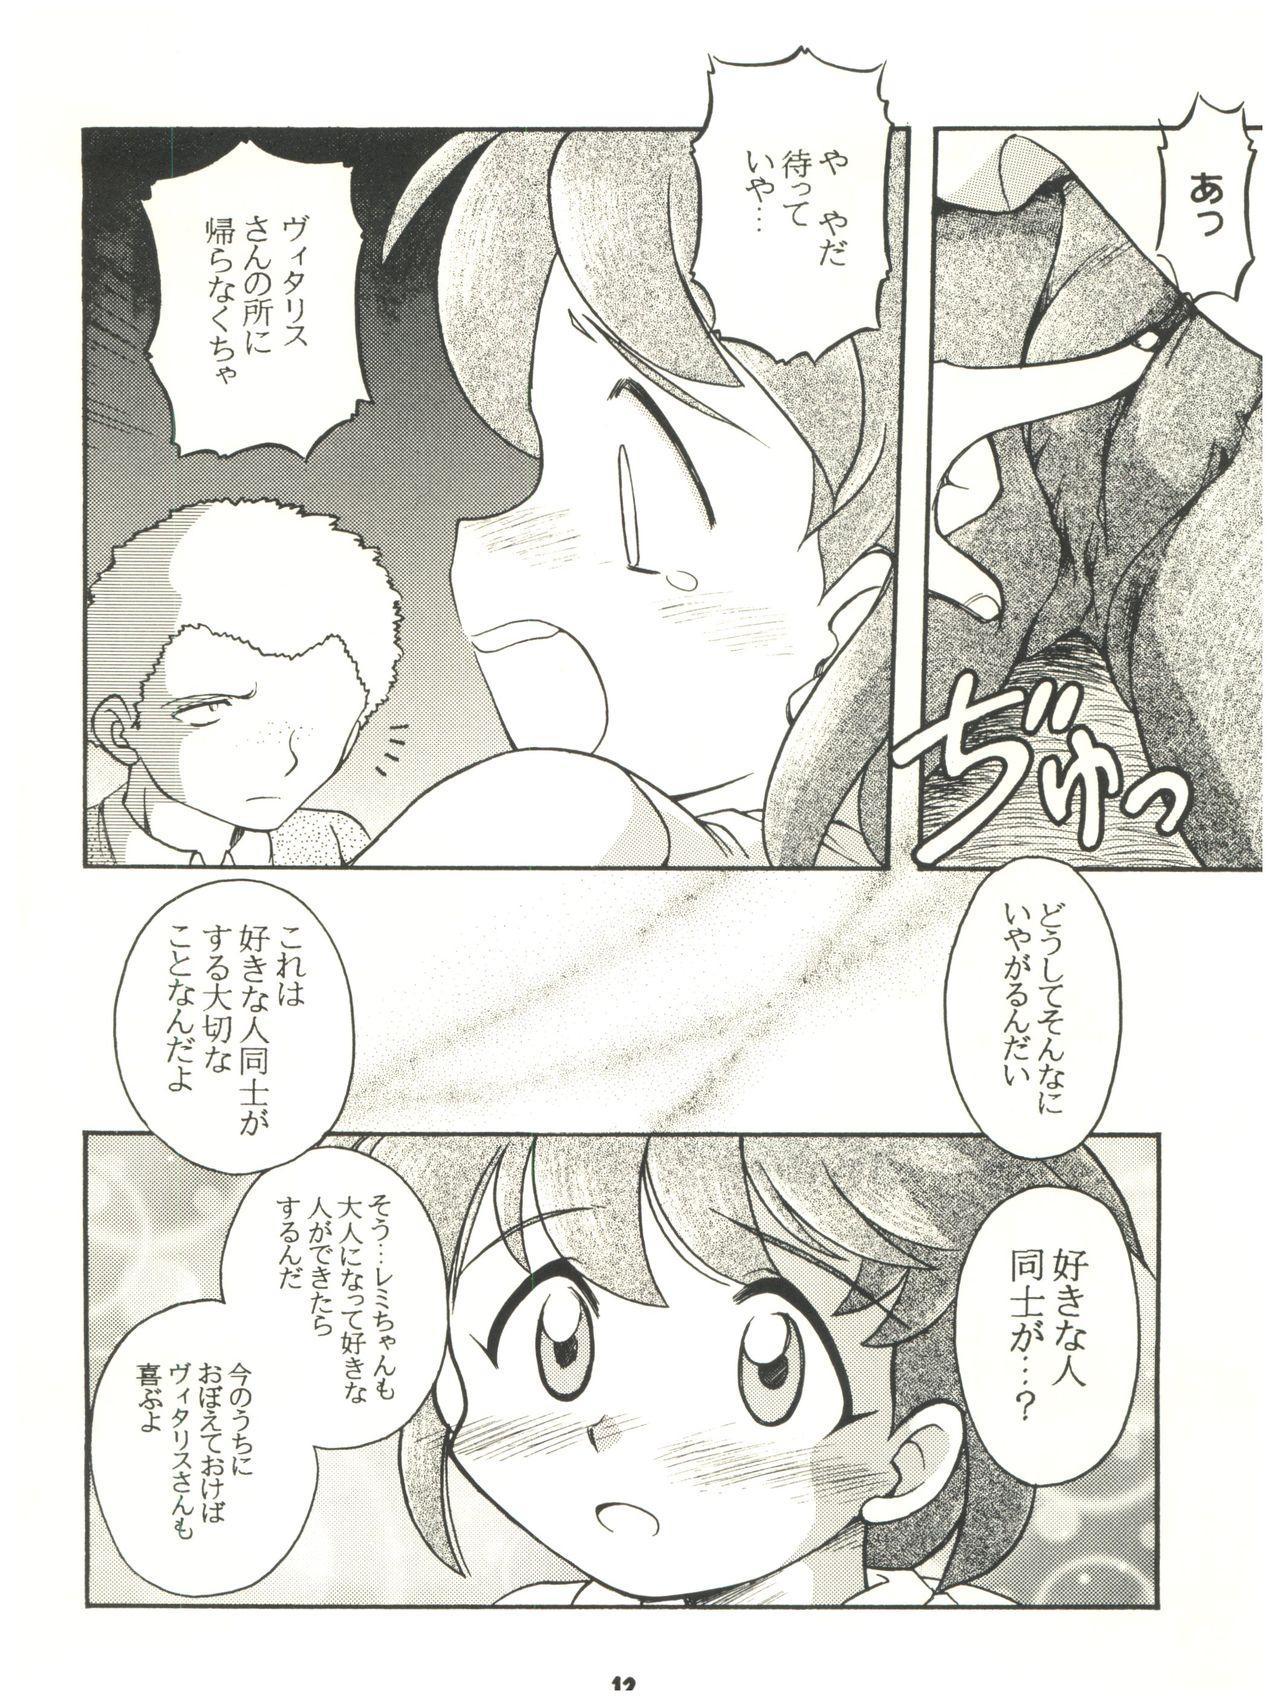 [Sairo Publishing (J. Sairo) En-Jack 2 (Various) 11